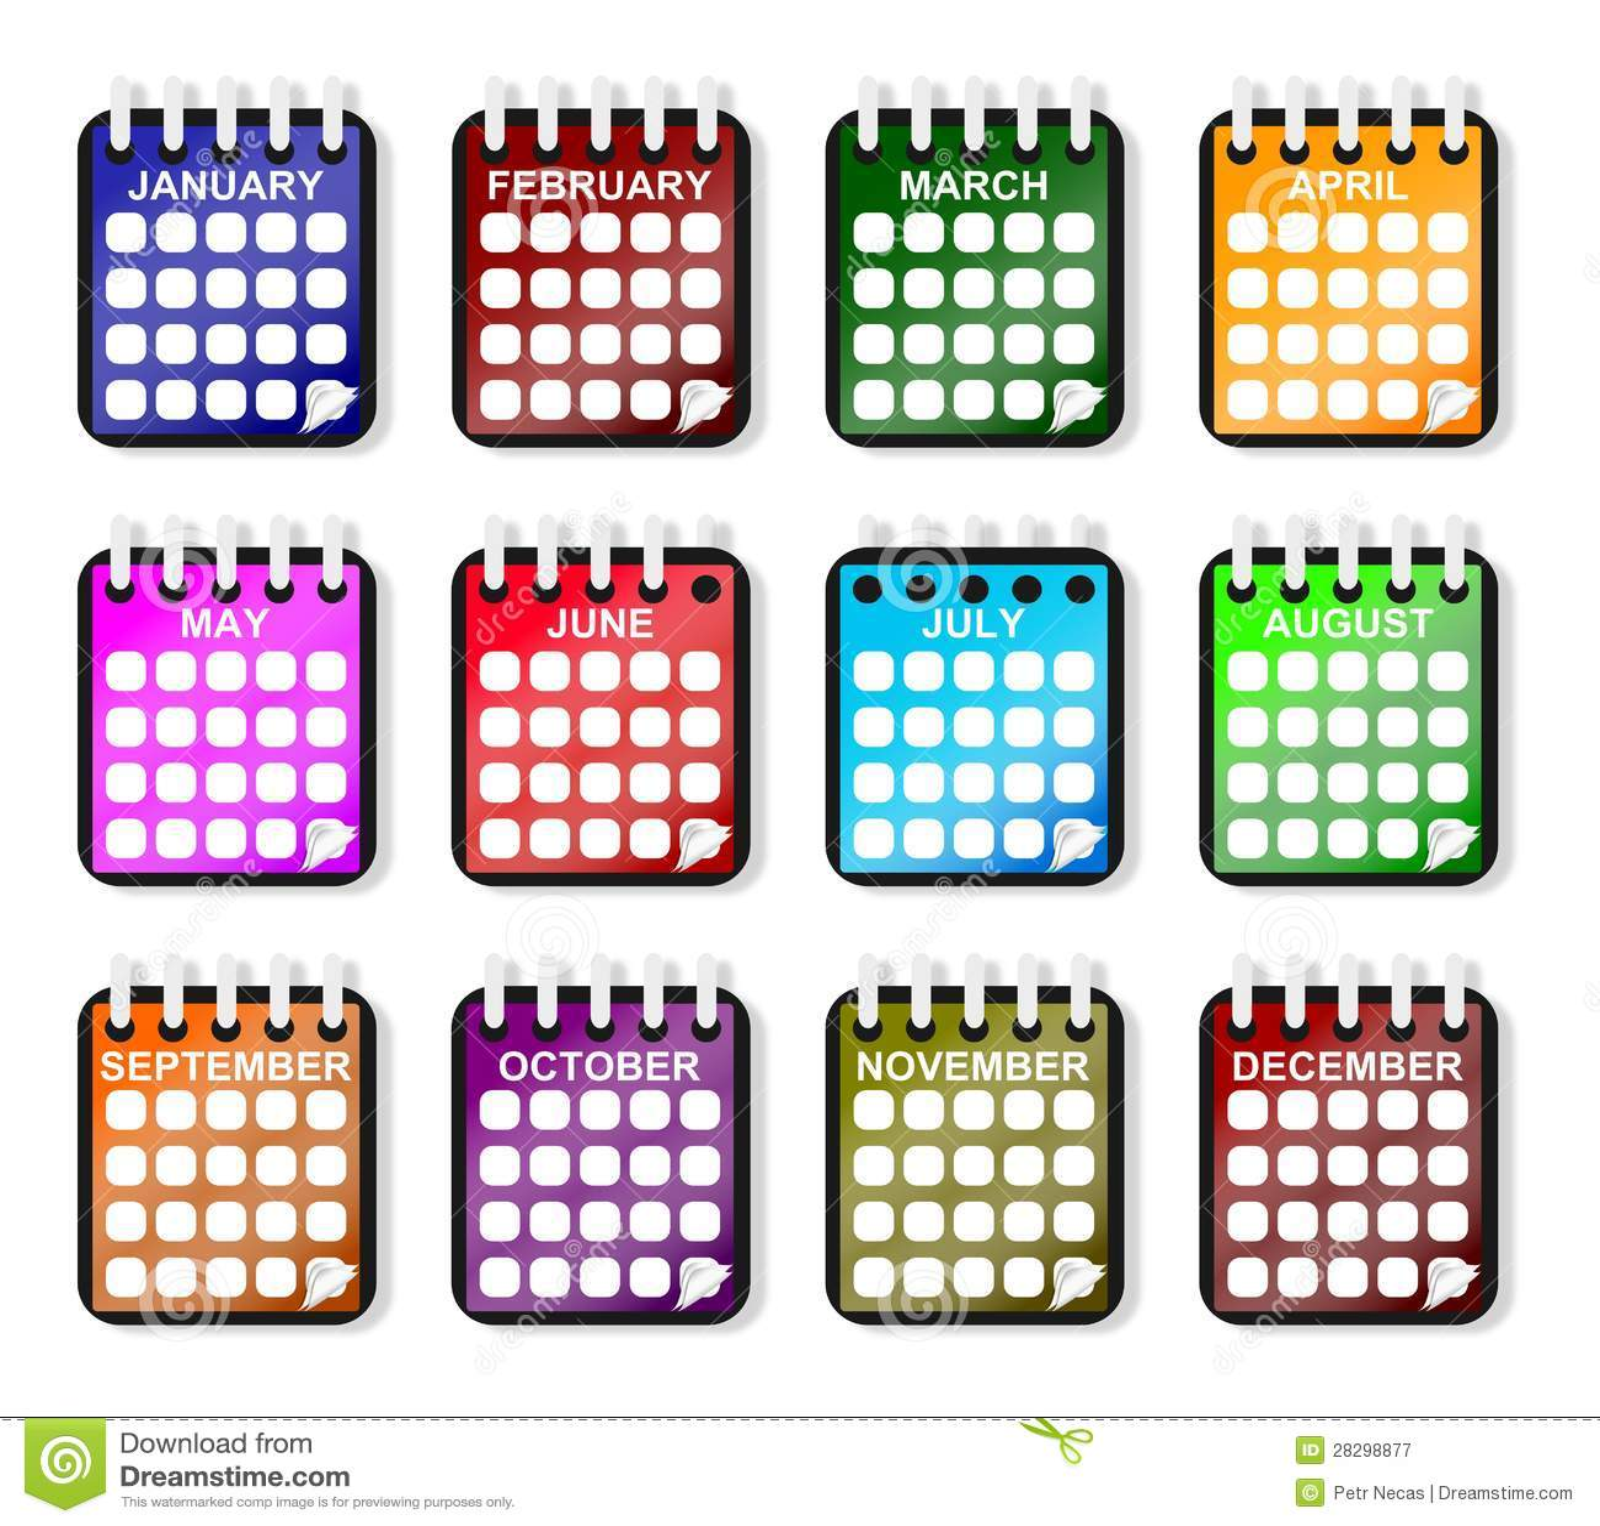 117b2d1614aaf2 Calendrier Pendant Toute L année Illustration Stock - Illustration ...